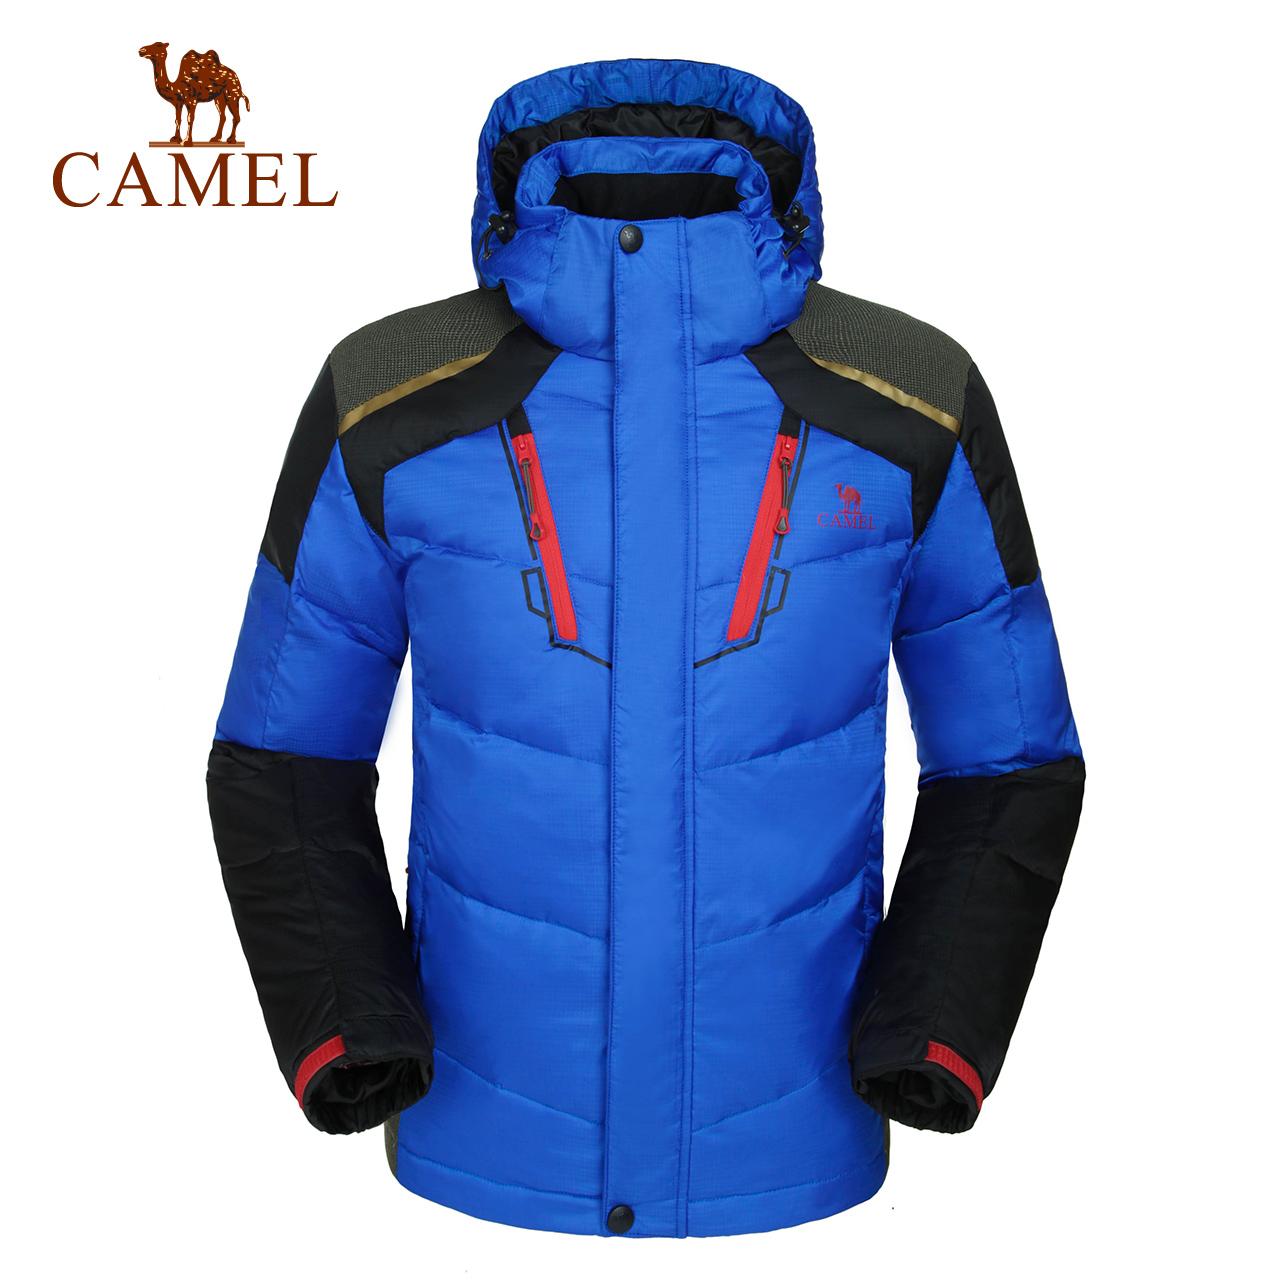 CAMEL верблюд на открытом воздухе мужской куртка осень и зима теплый закрытый ветролом вниз одежда мужчина